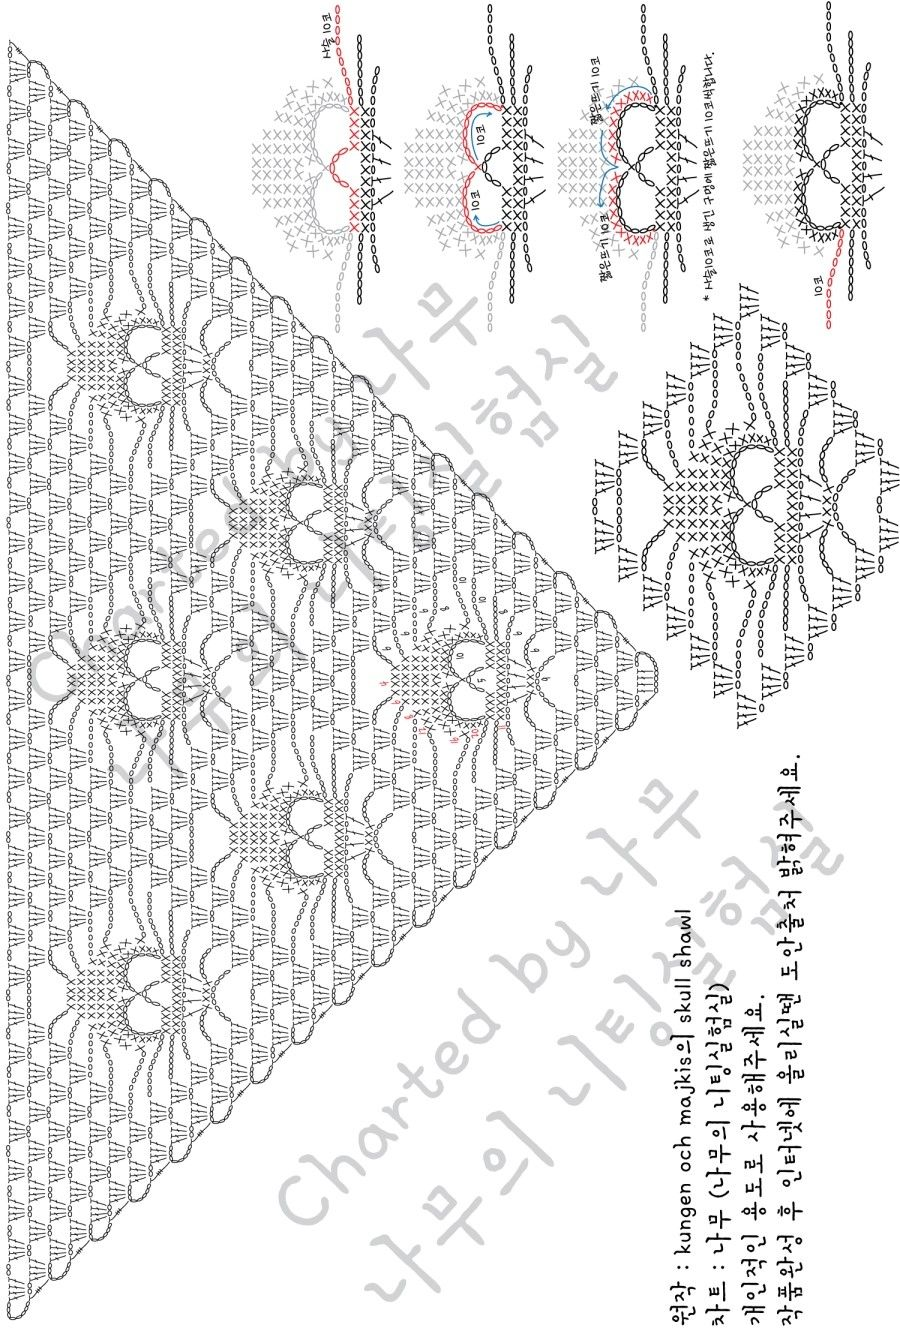 Pre-pattern] majkis kungen och của khăn choàng sọ: Naver Blog ...